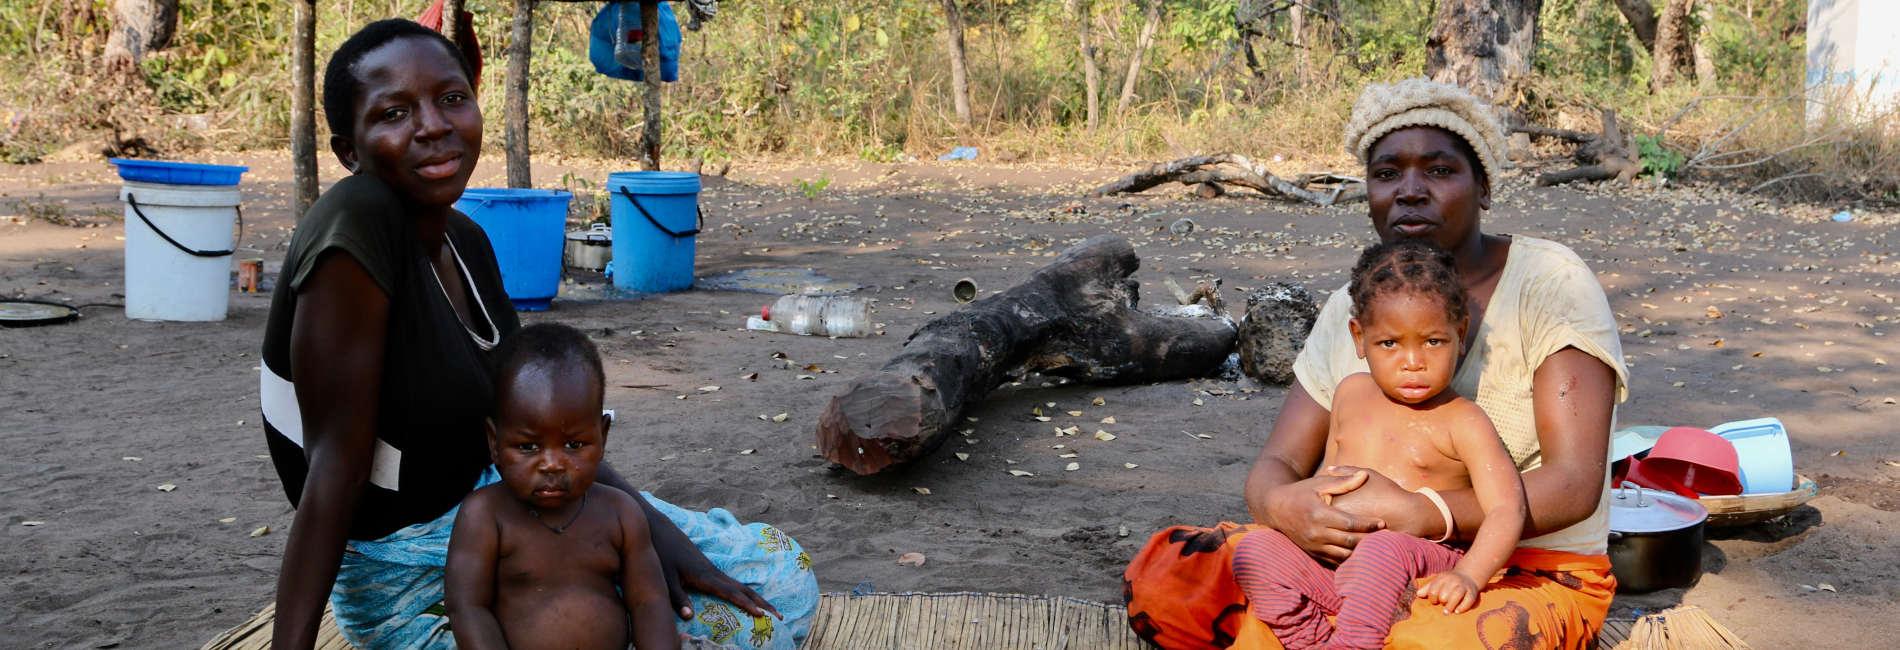 Zwei Mosambikanische Mütter mit Kindern auf dem Boden